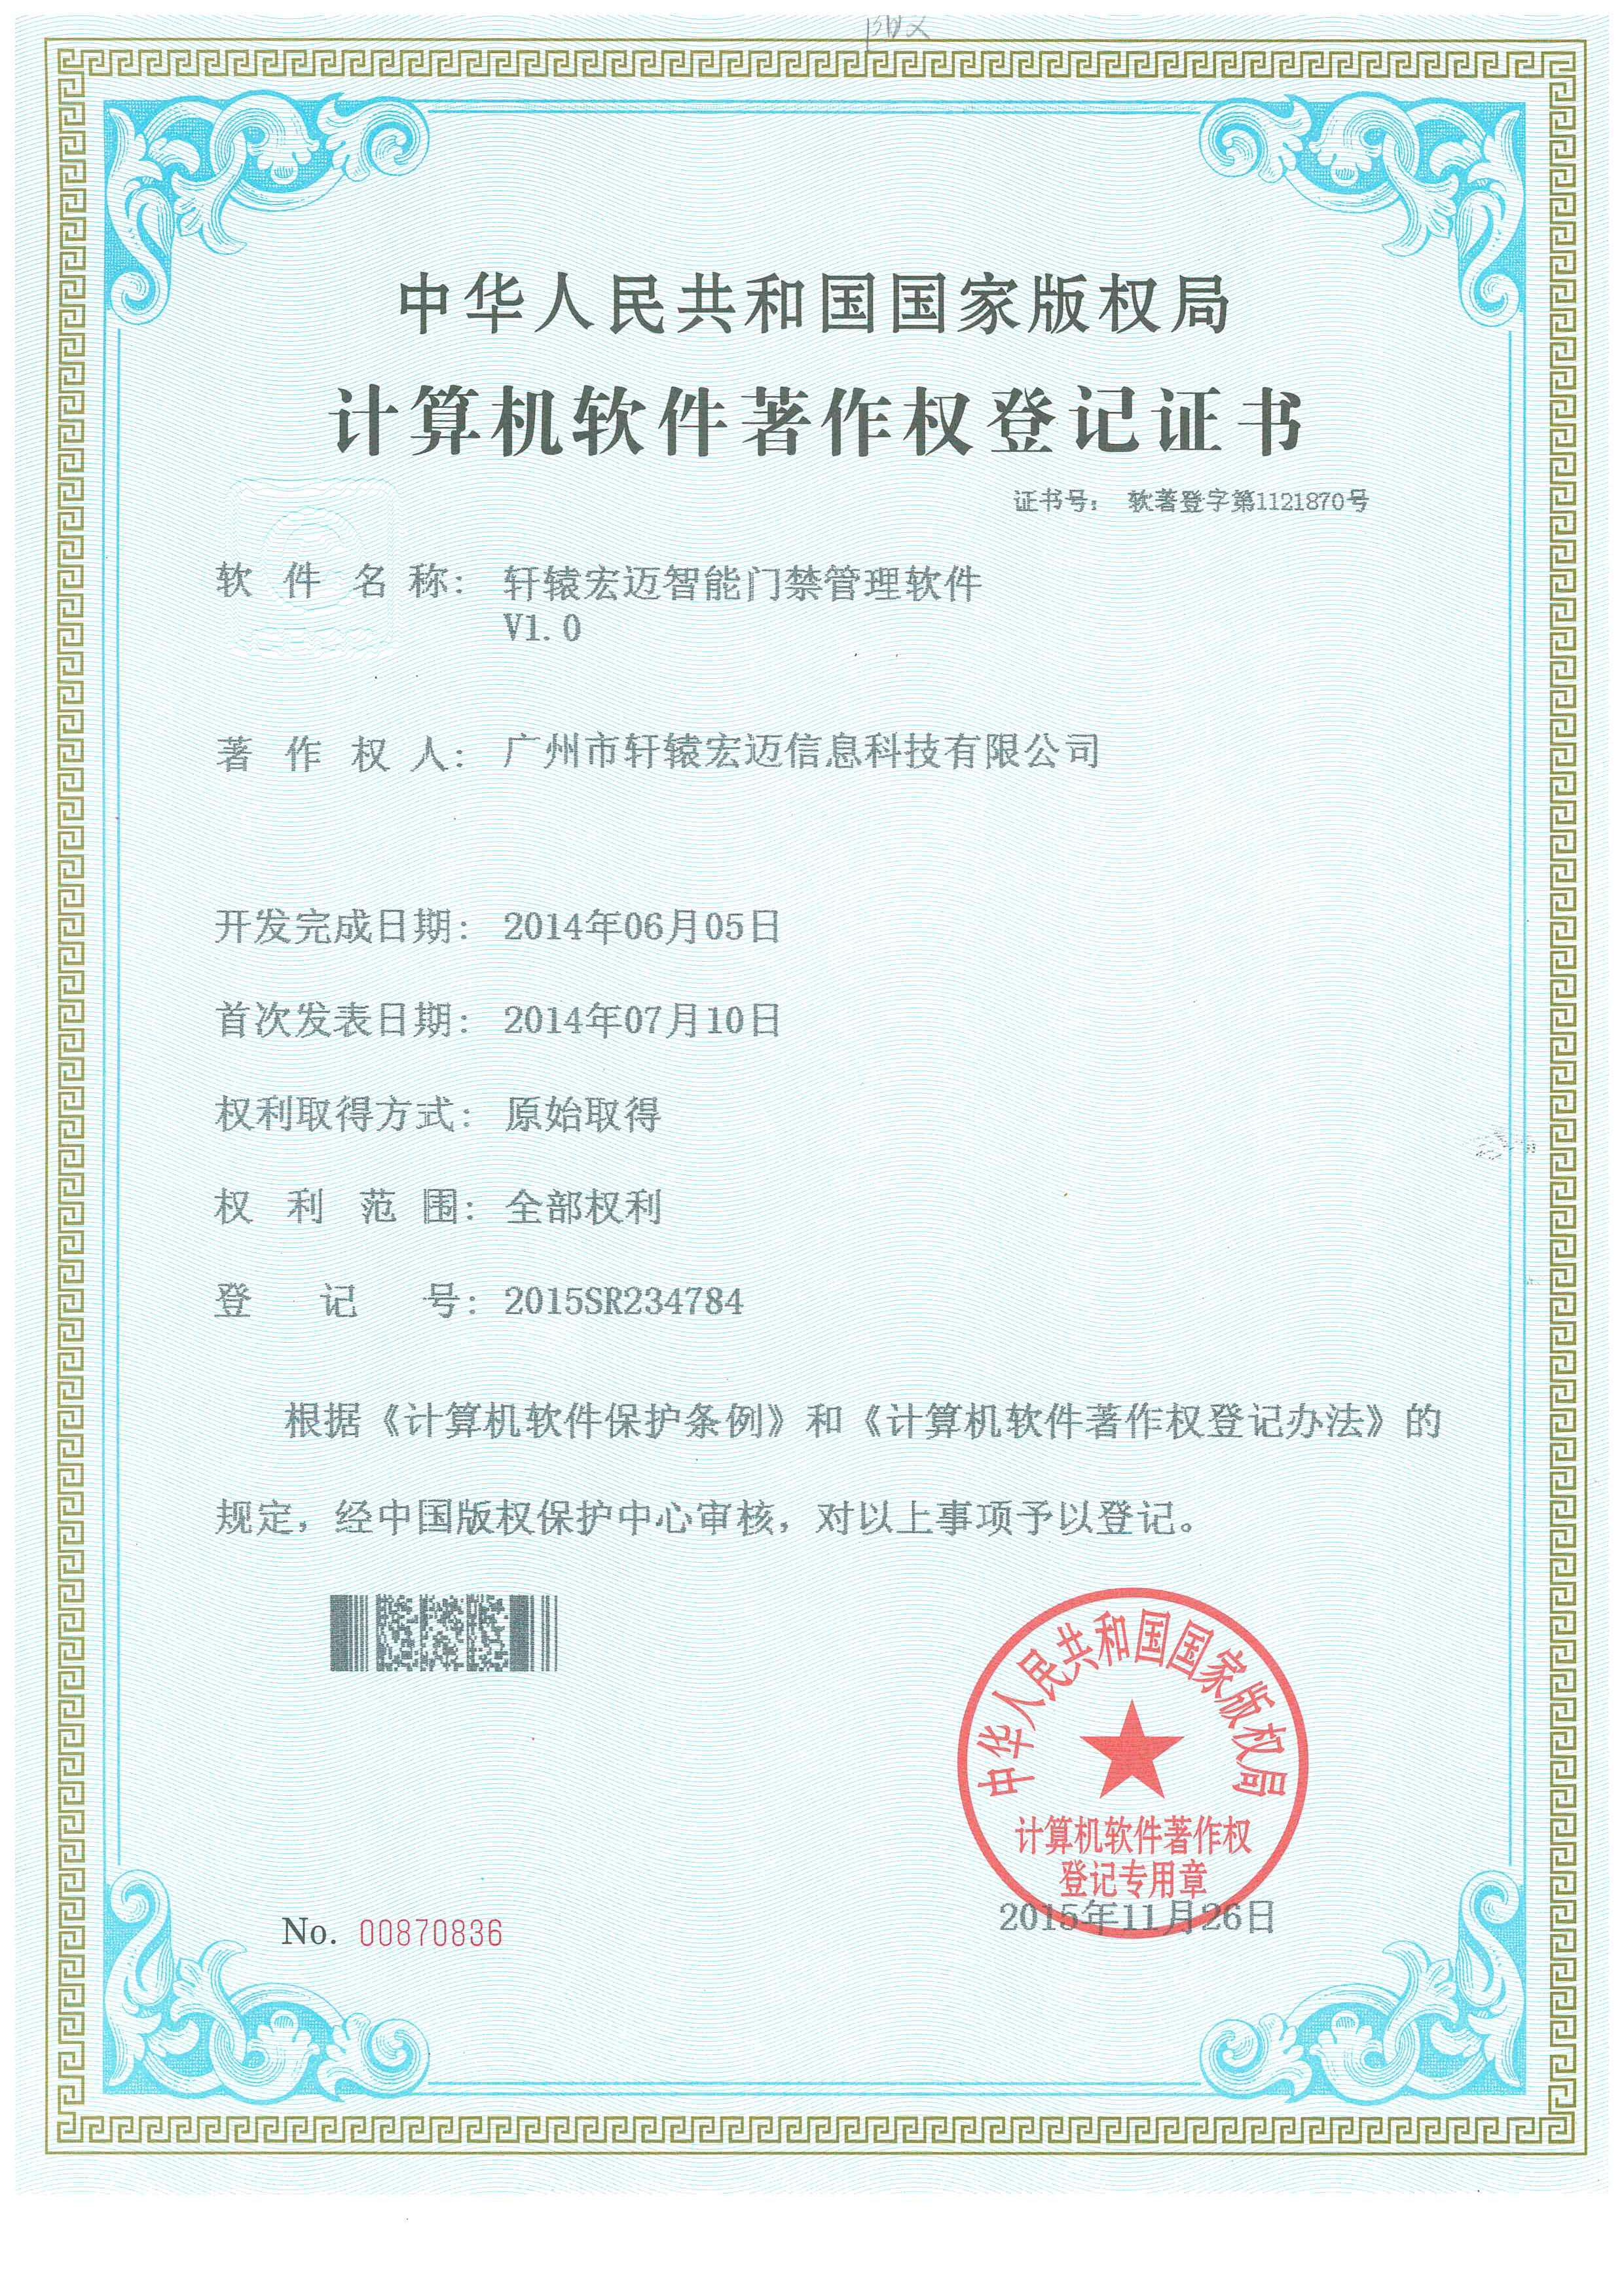 智能门禁管理软件专利证书